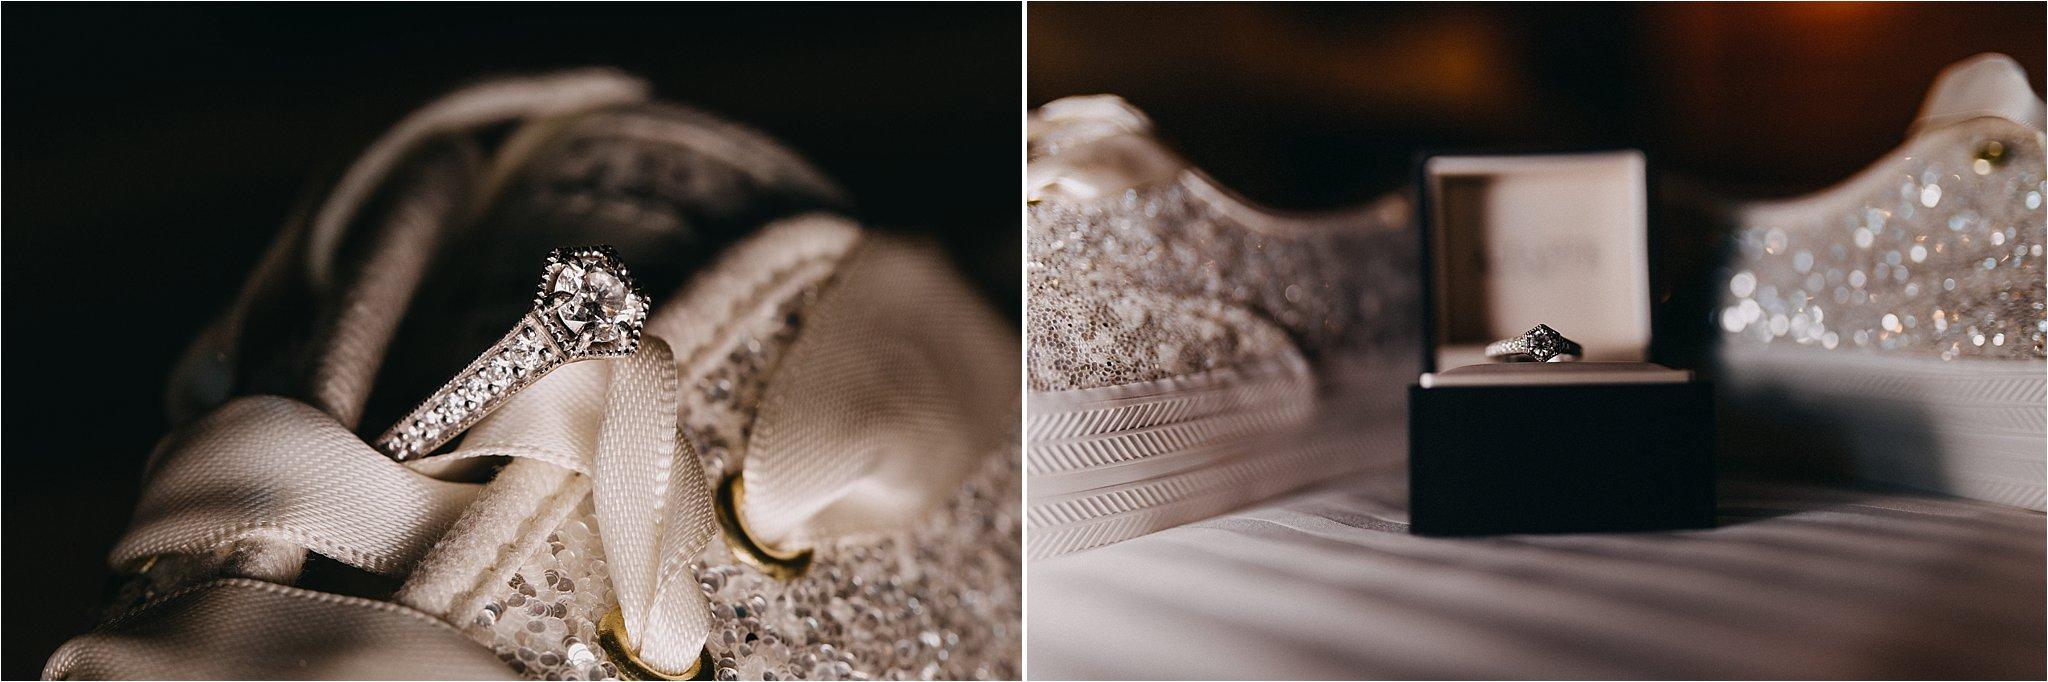 willows-lodge-ann-eric-wedding2.jpg